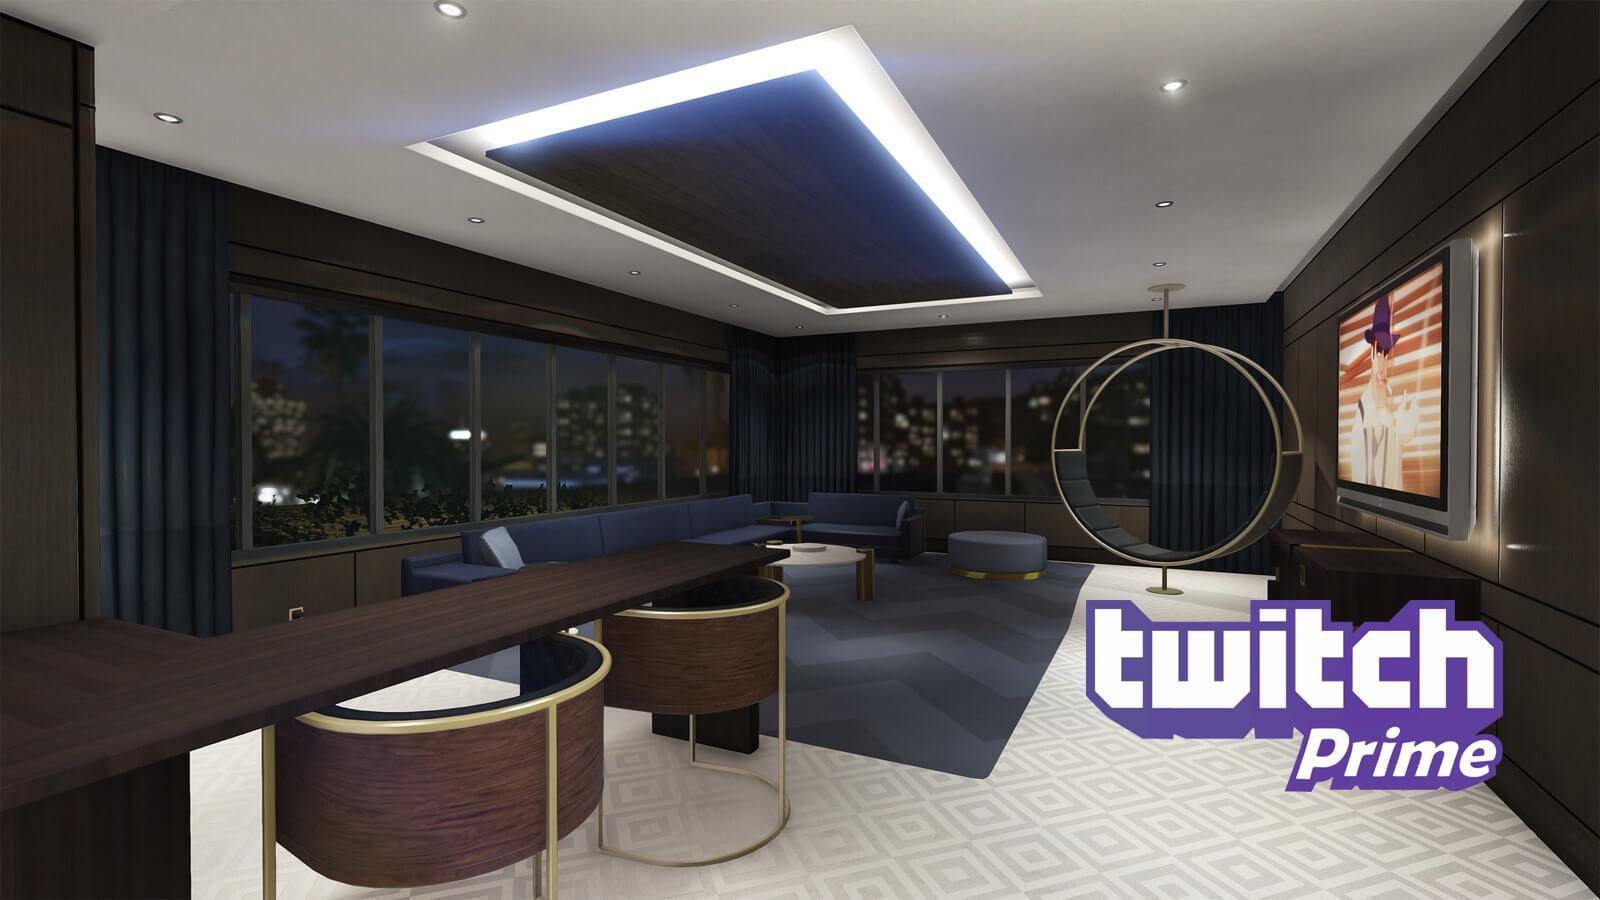 Maxim99 casino